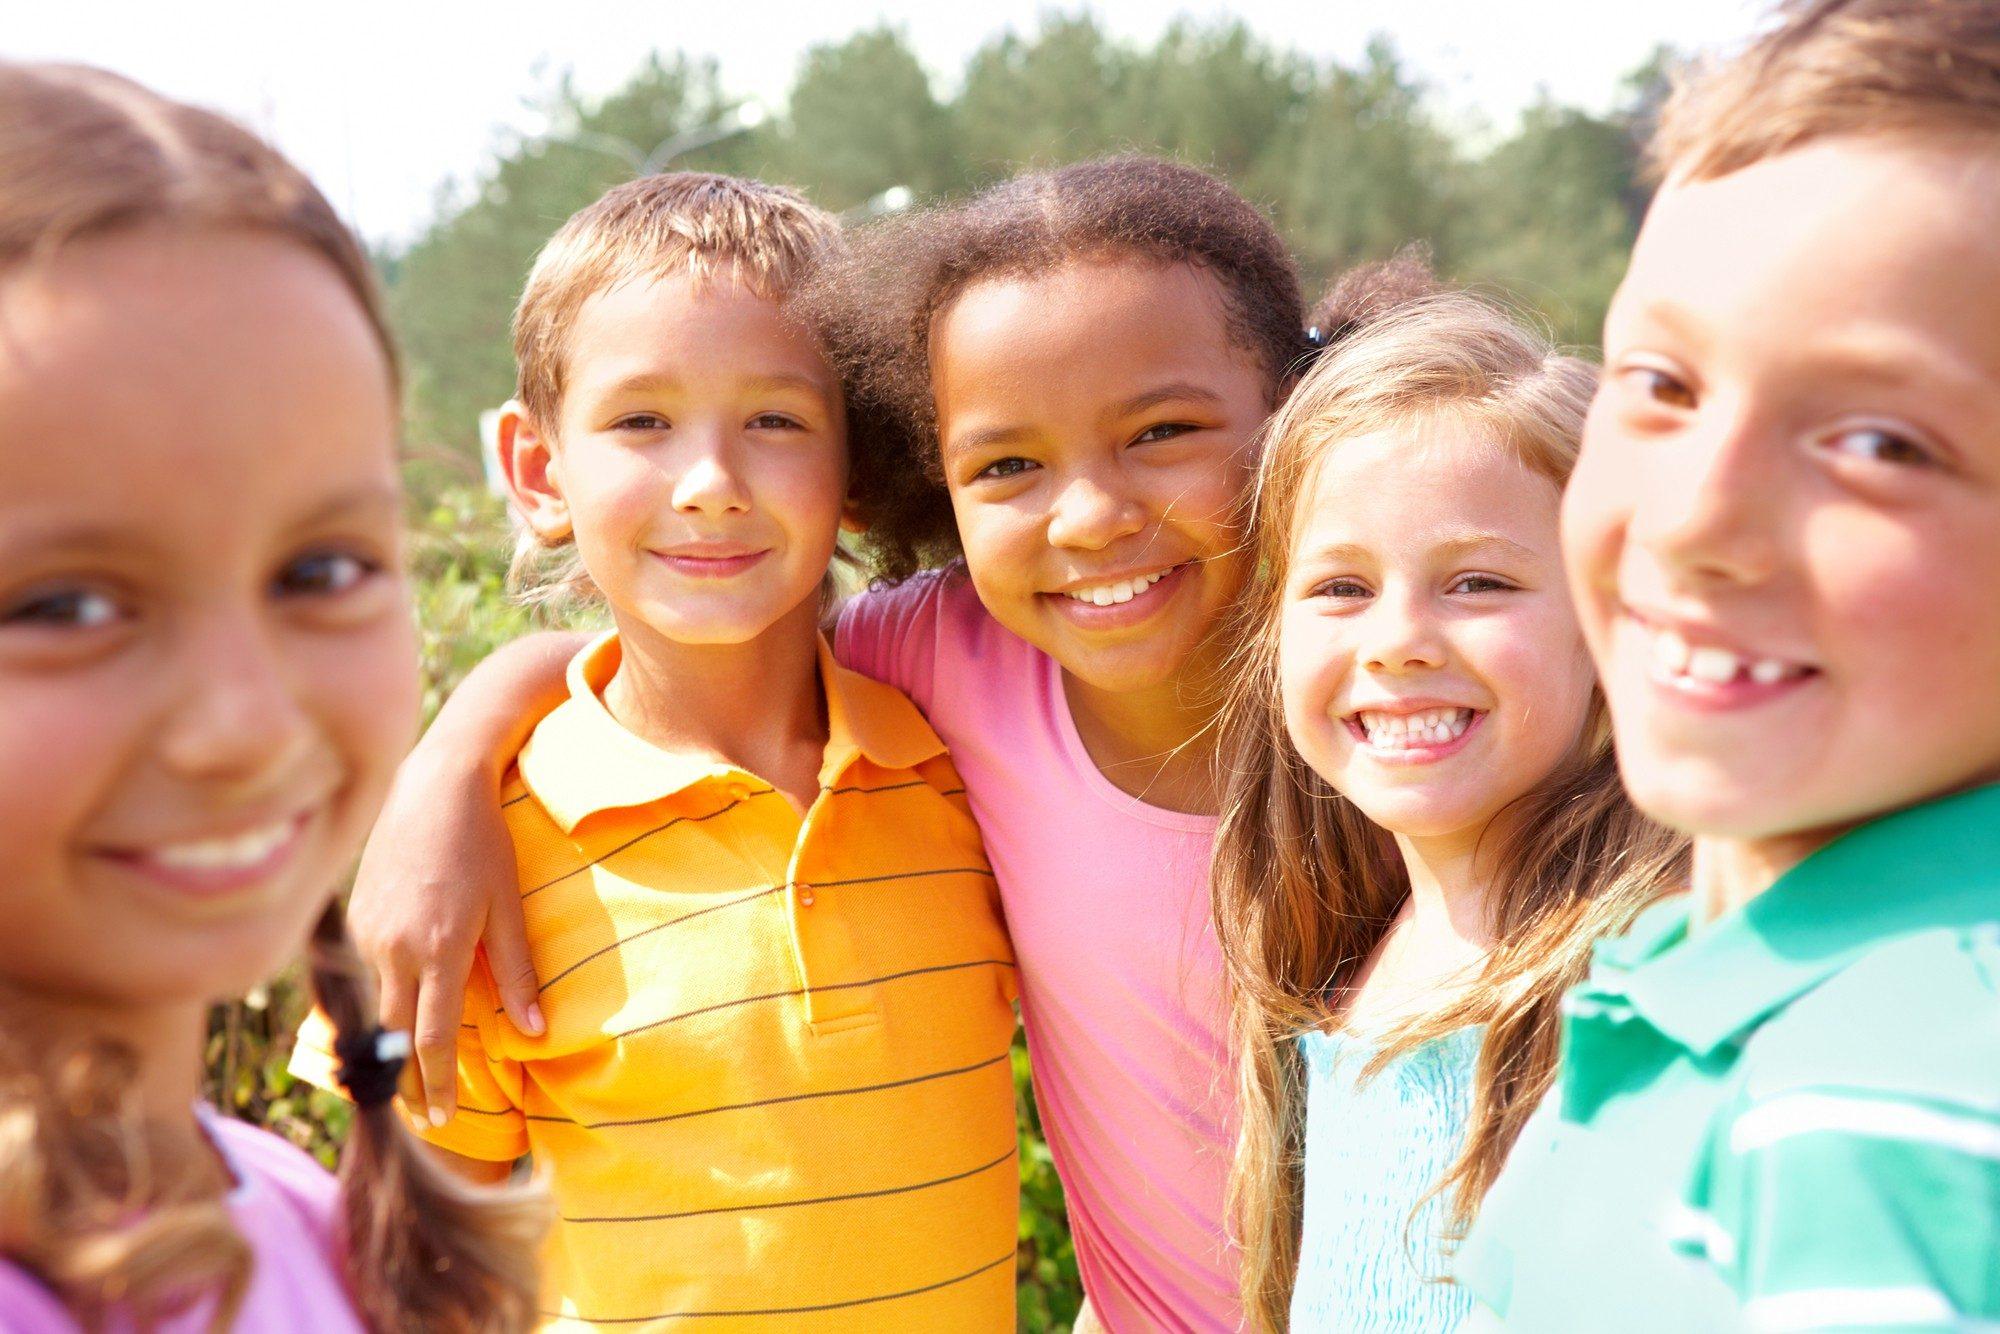 Alimentos y refrigerios que son buenos para que los niños coman cuando se trata de salud dental y alimentos que deben evitarse